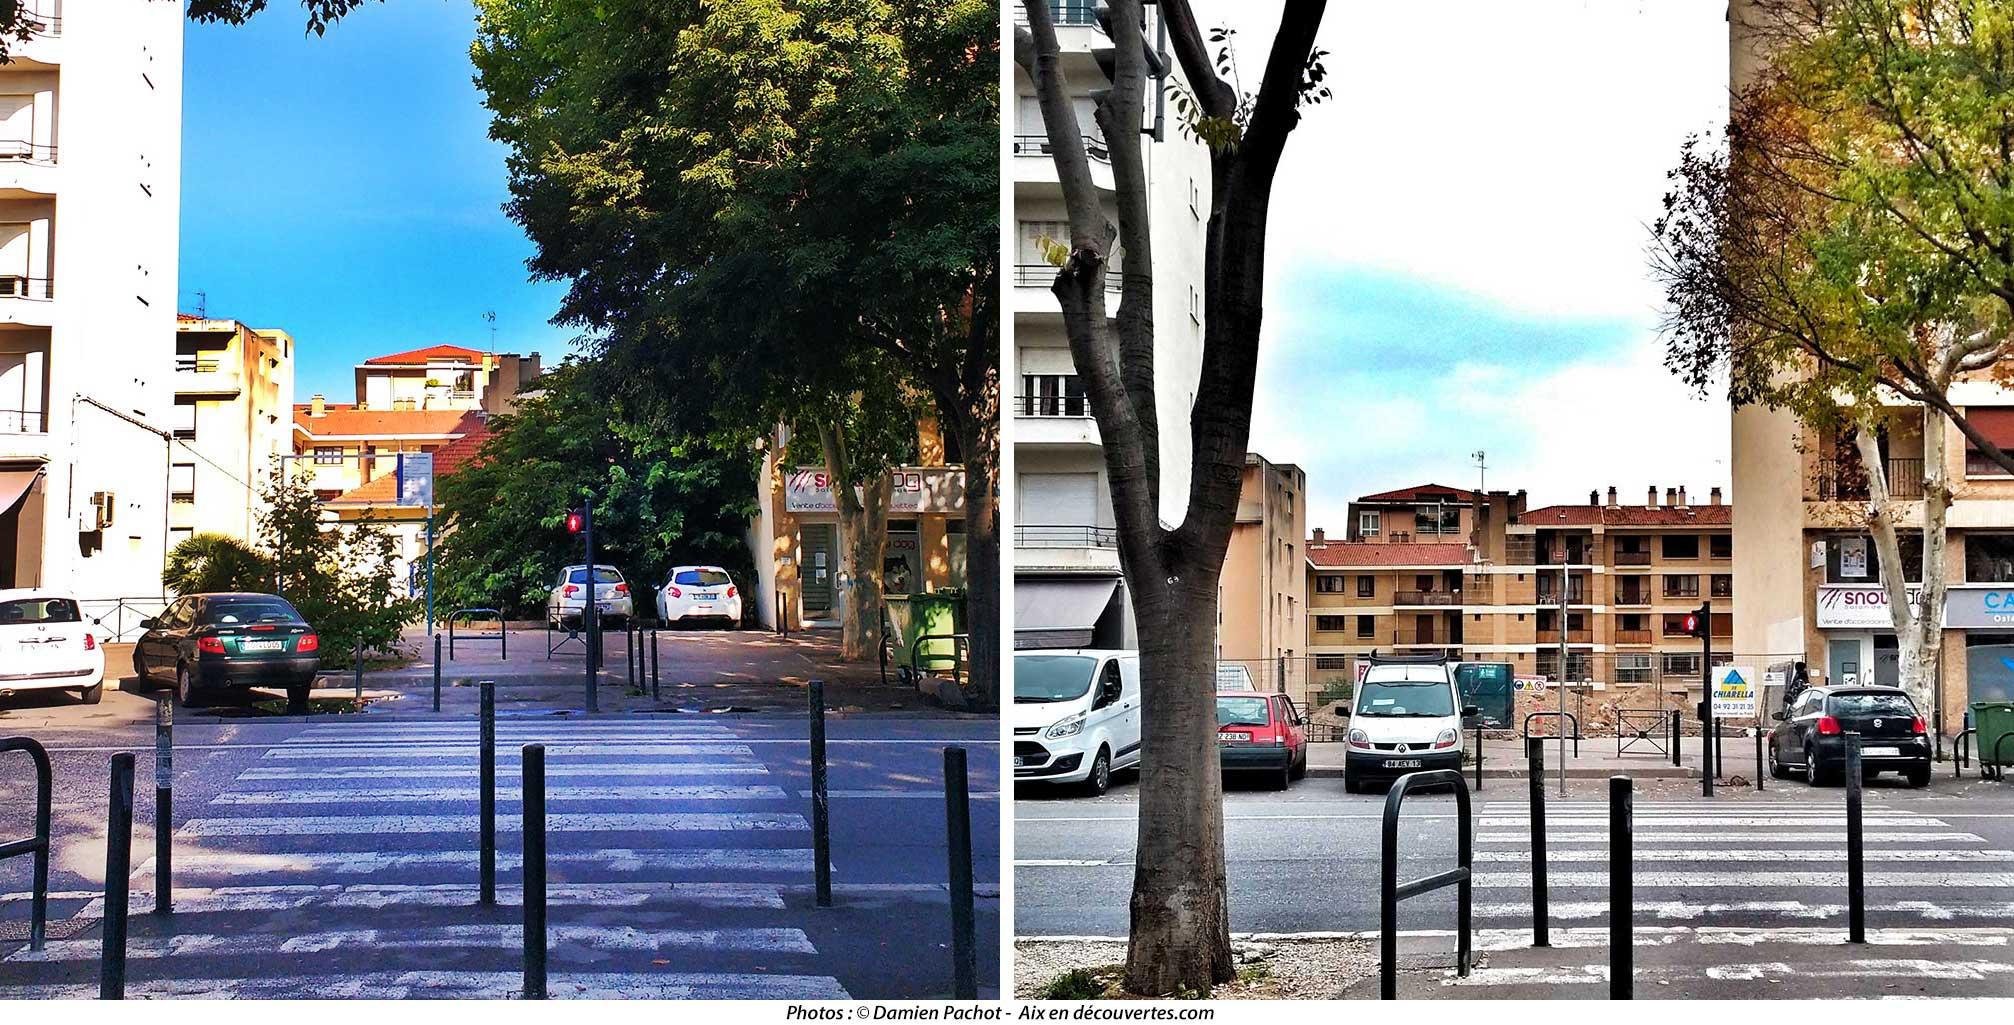 Comparaison vue de face depuis l'avenue des Belges